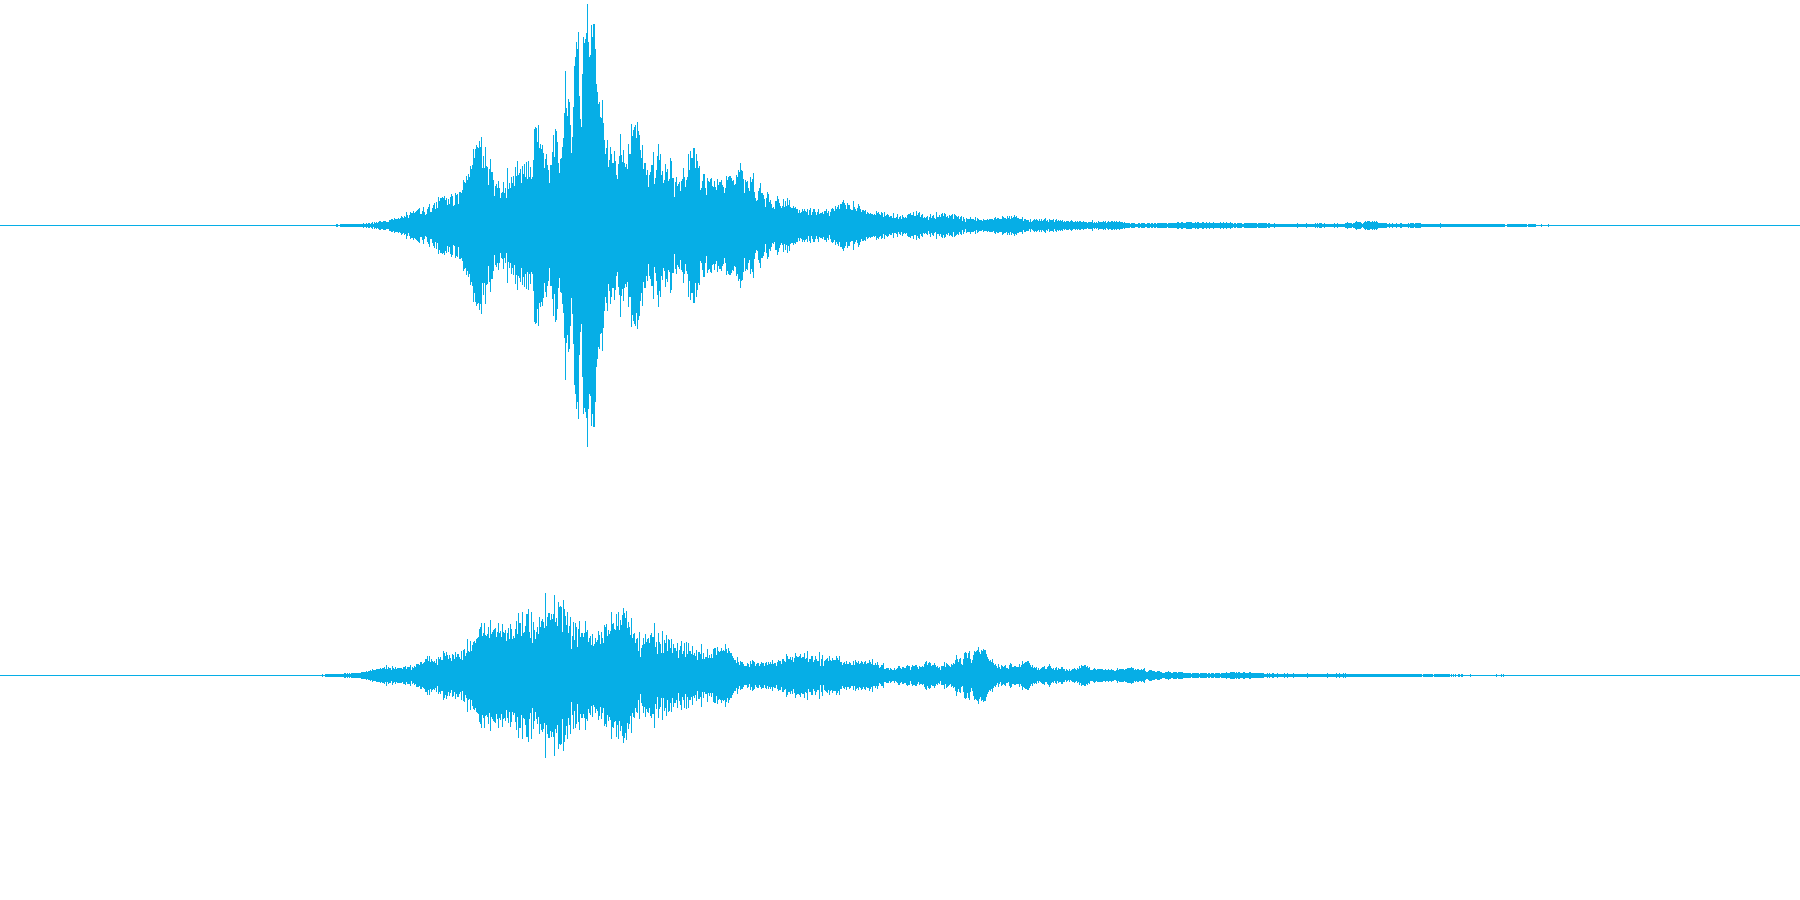 ヒューン(メール等の送受信音)、電子音の再生済みの波形